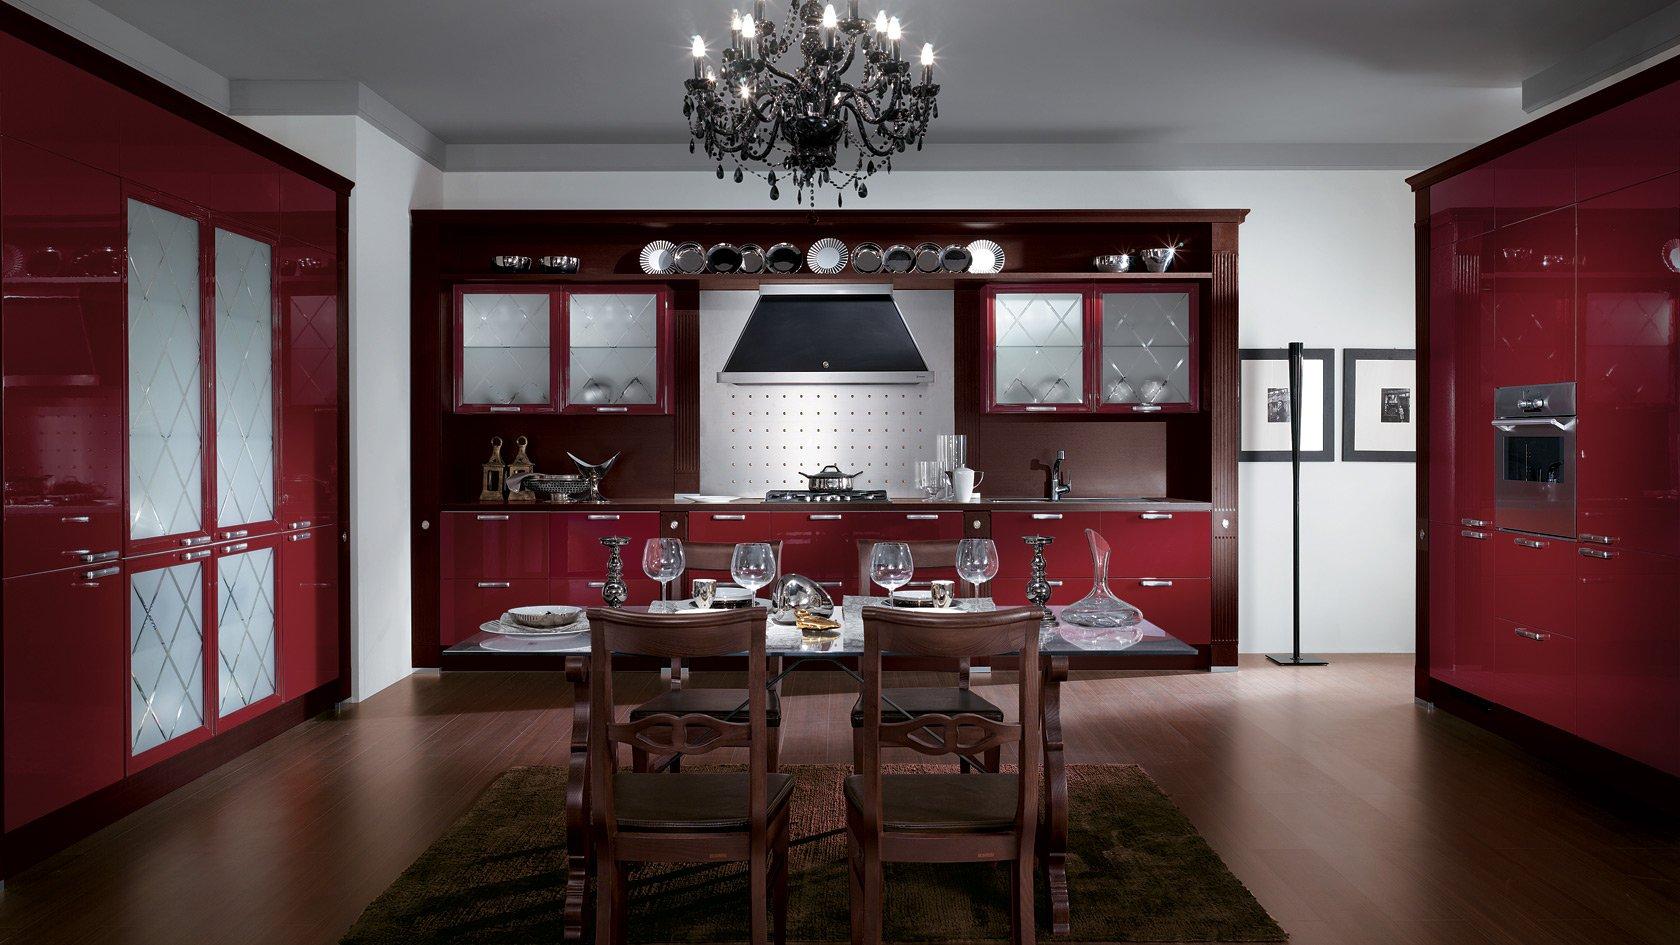 Idee Per Cucina E Soggiorno : Idee per dividere cucina e soggiorno ...